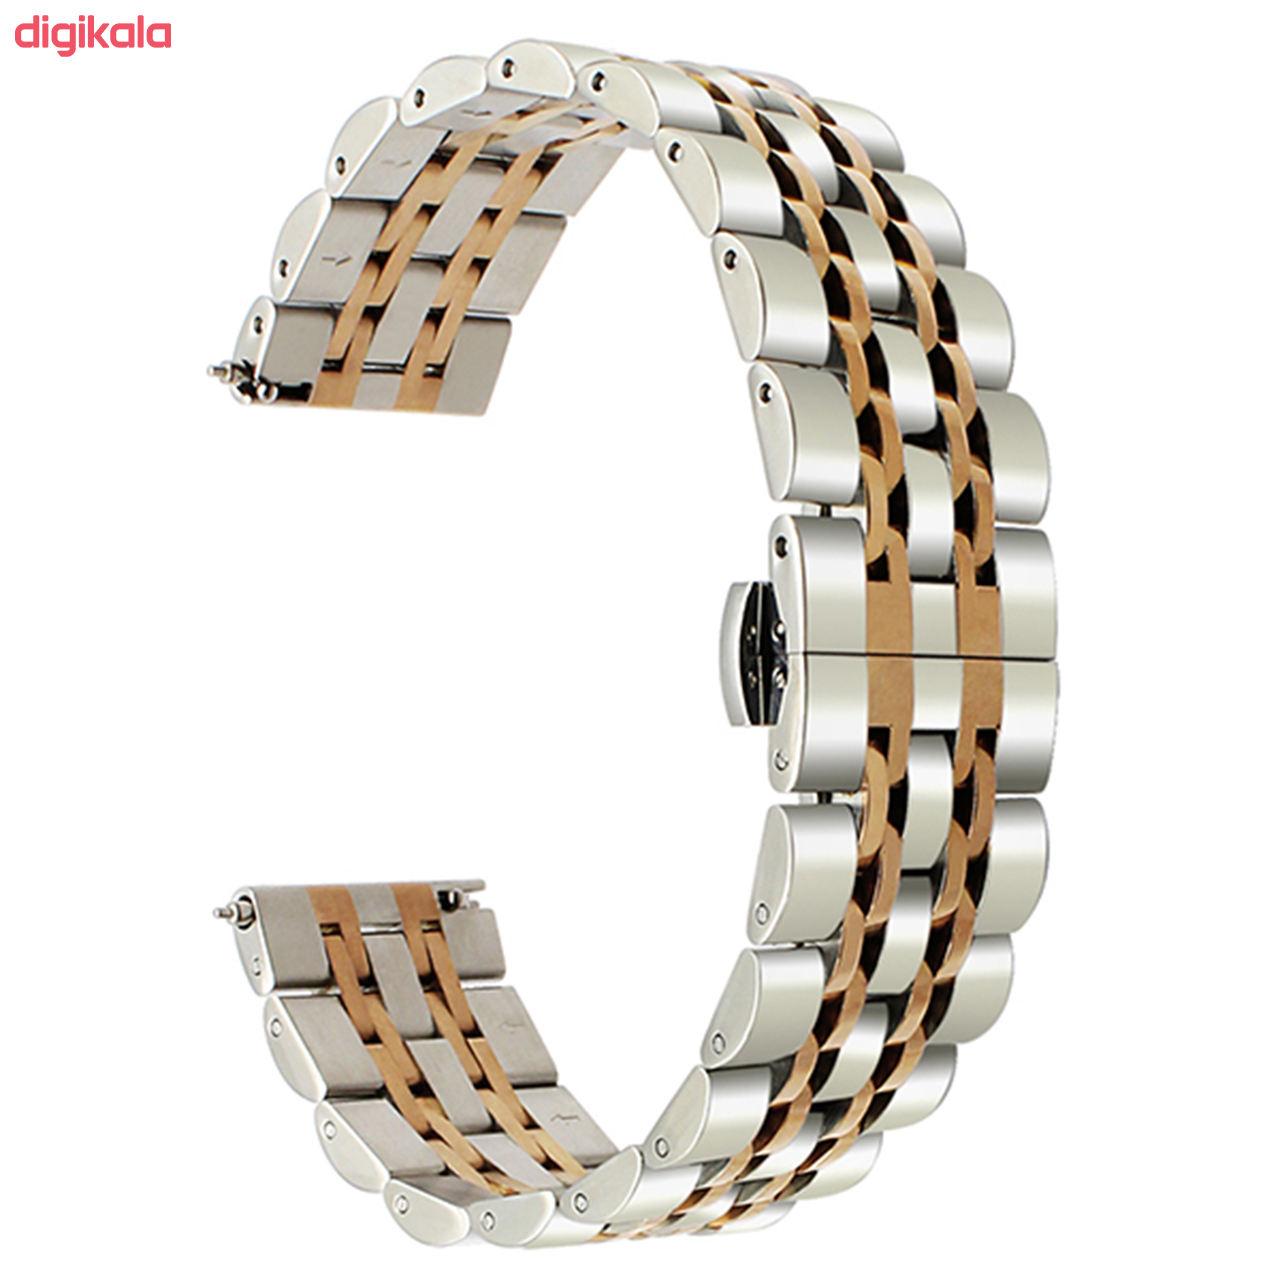 بند مدل Seven Bead-0800 مناسب برای ساعت هوشمند سامسونگ Galaxy Watch 46mm main 1 1